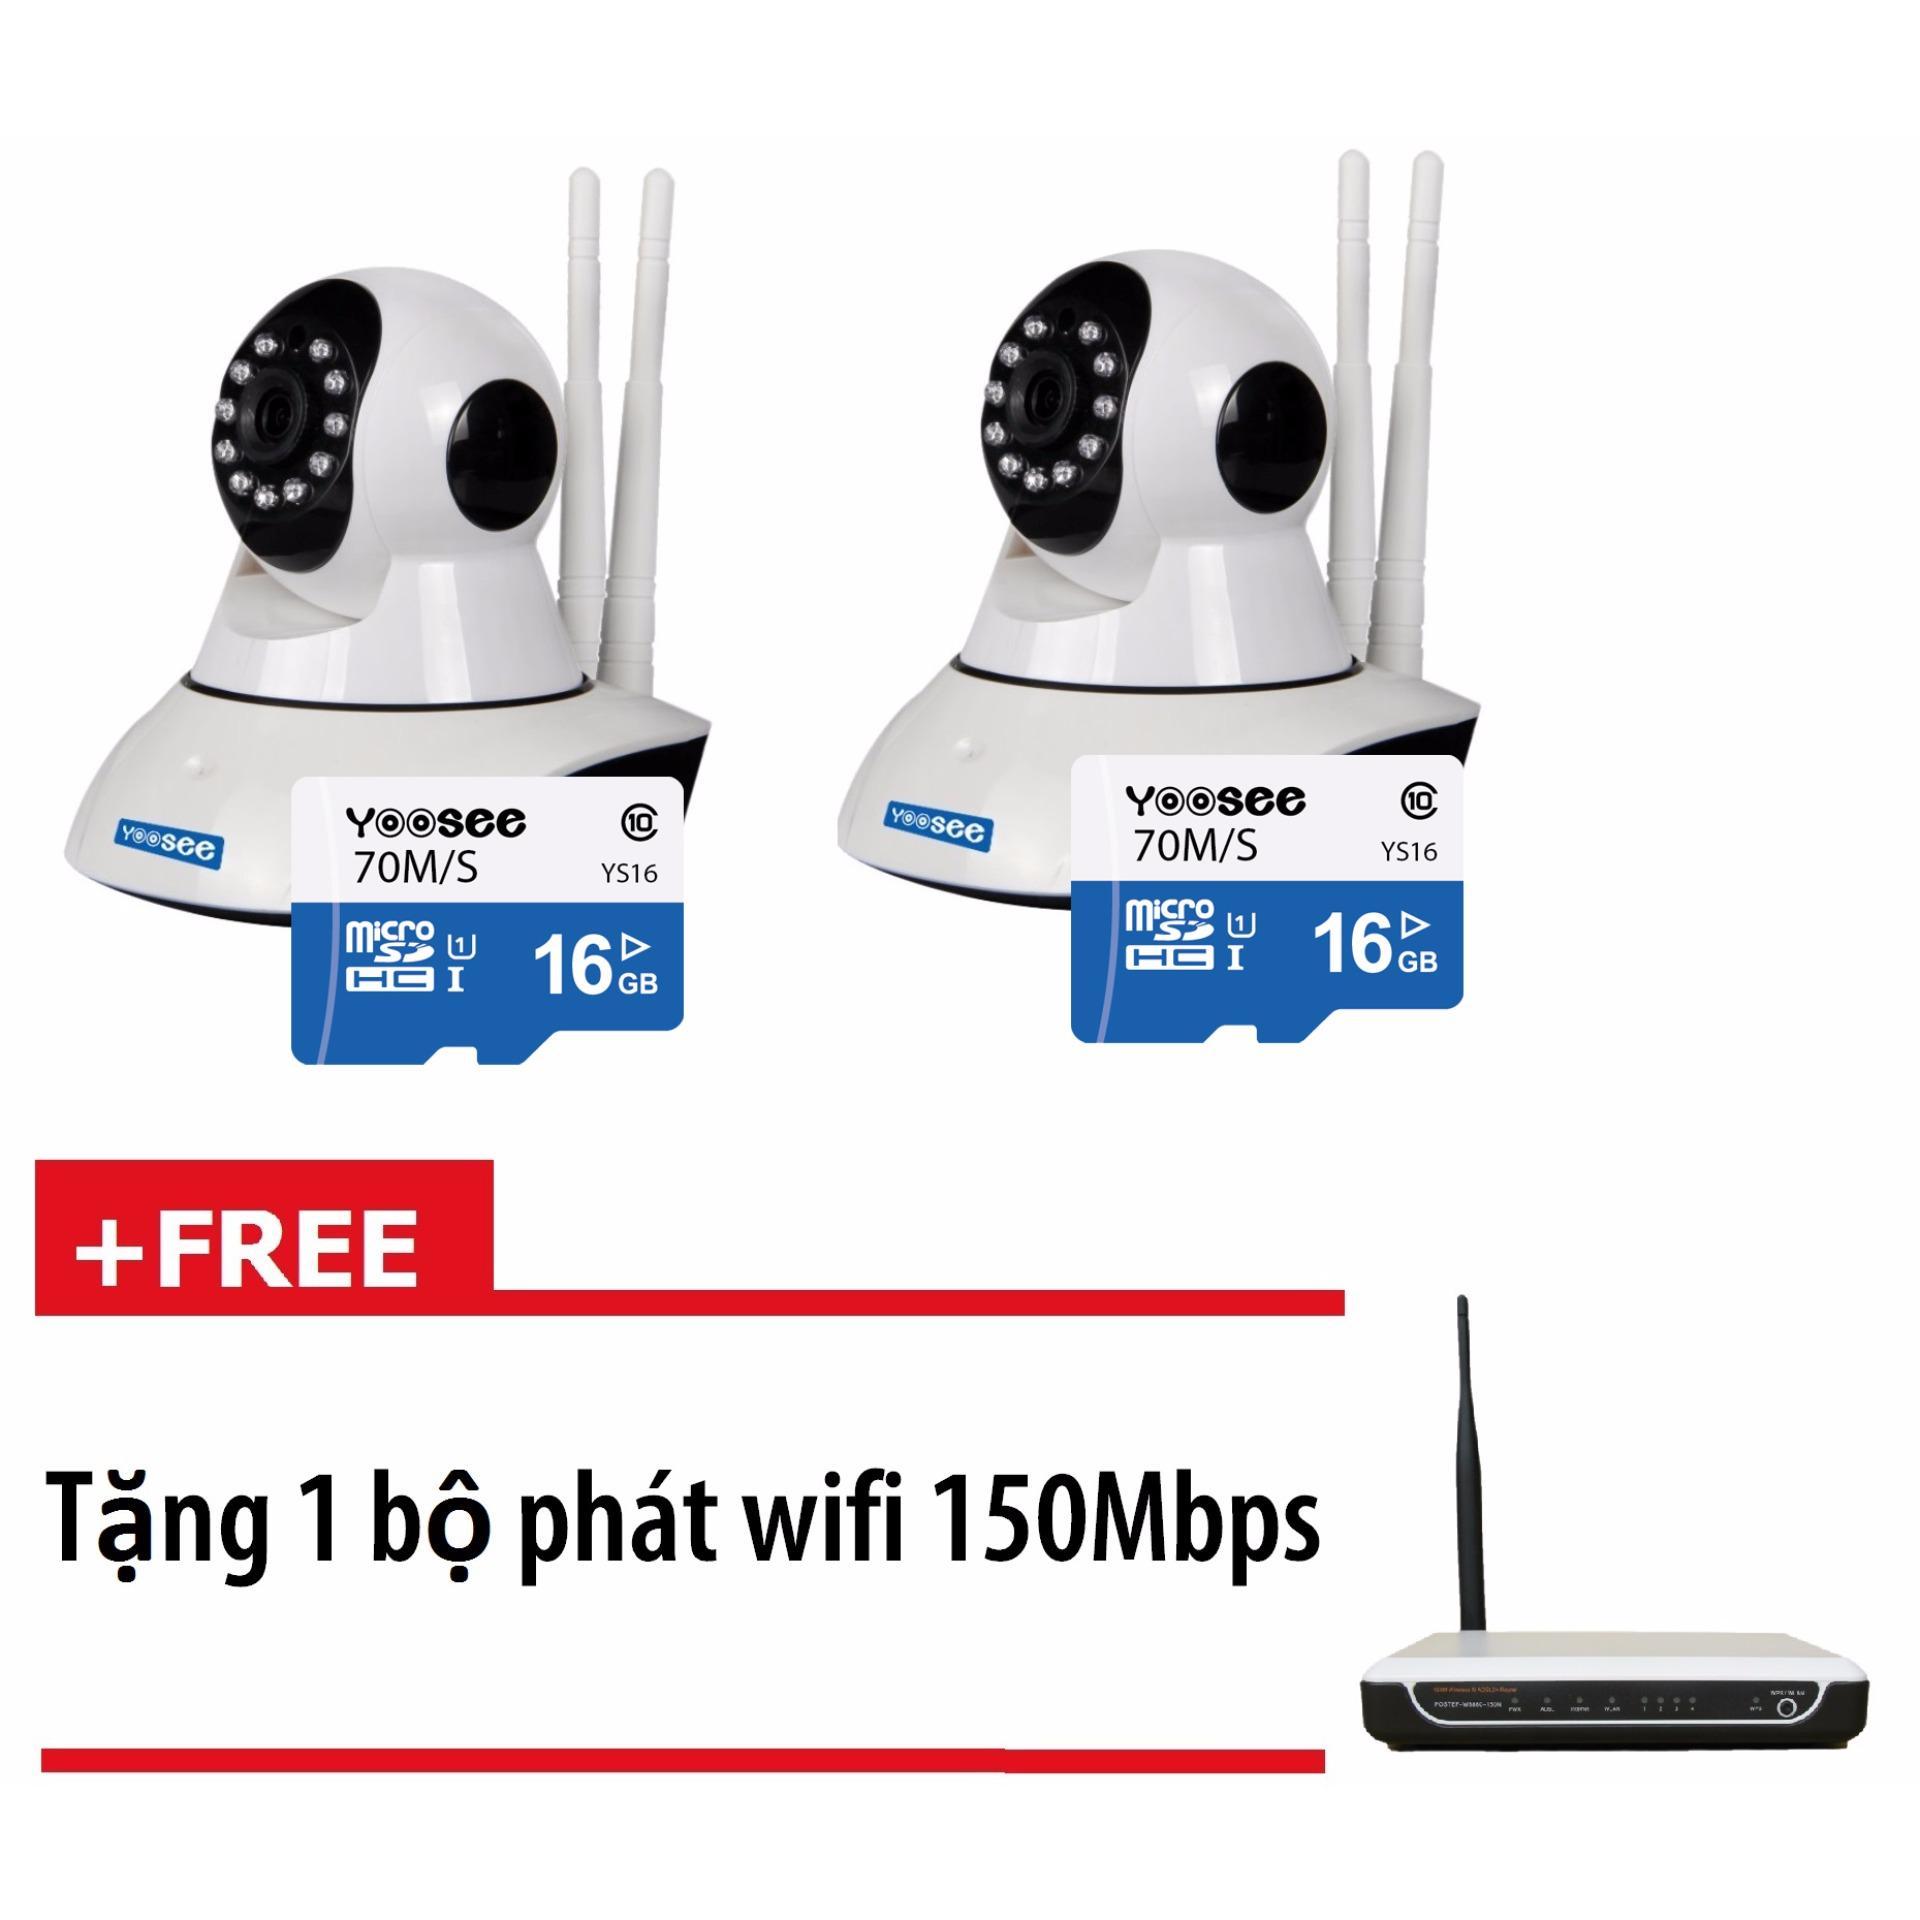 Bộ 2 camera không dây wifi YooSee YS1200 có Thẻ nhớ 16GB + Tặng kèm 1 bộ phát wifi 150Mbps